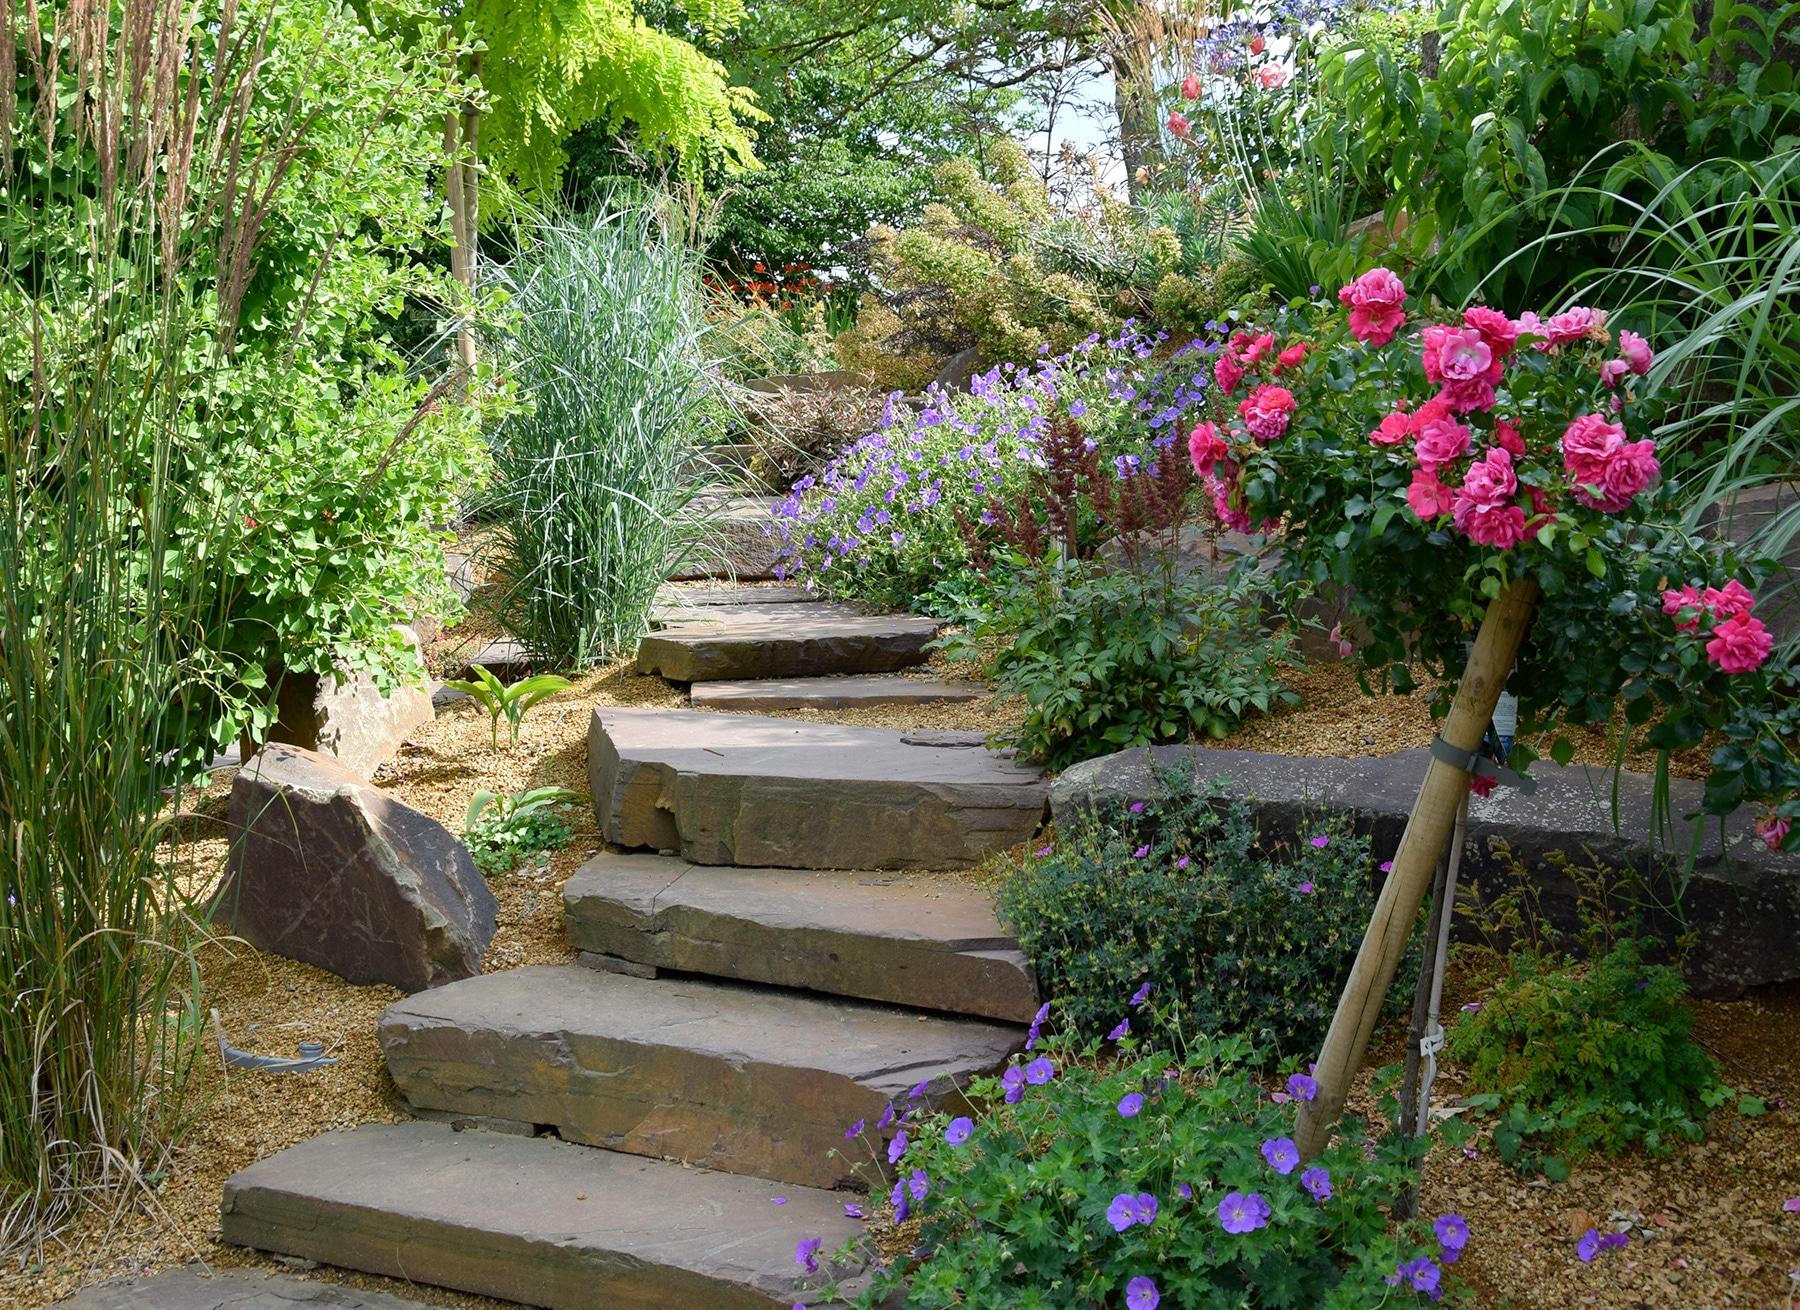 Escalier De Jardin - Aménagement D'escalier Extérieur ... tout Exemple D Aménagement De Jardin